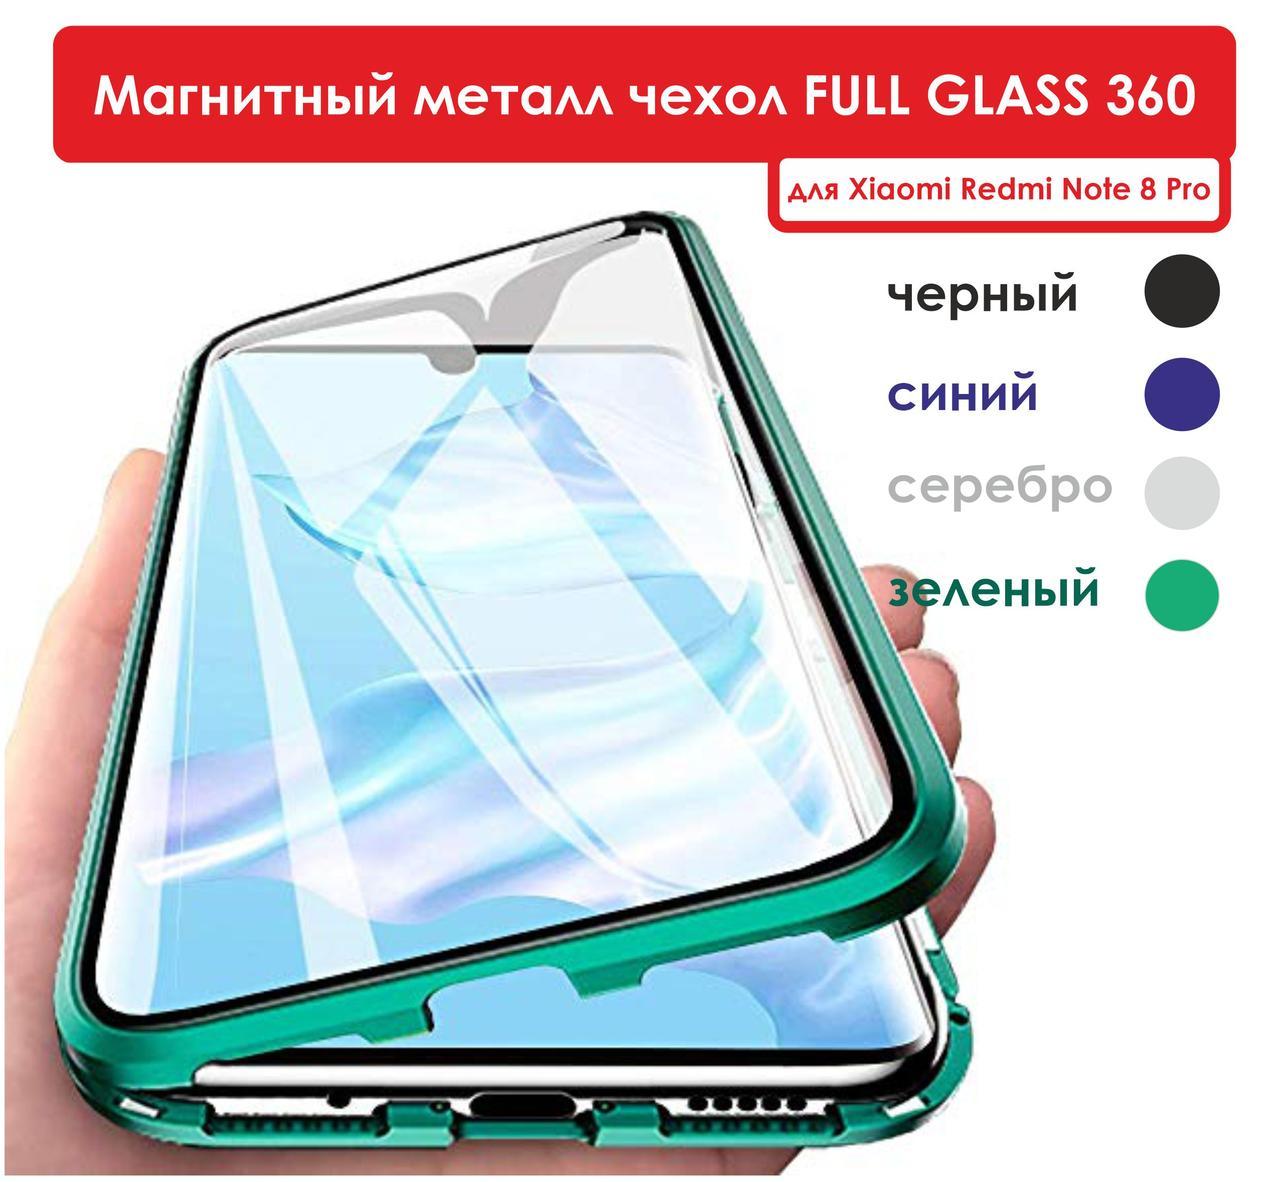 Магнітний метал чохол FULL GLASS 360° для Xiaomi Redmi Note 8 Pro /